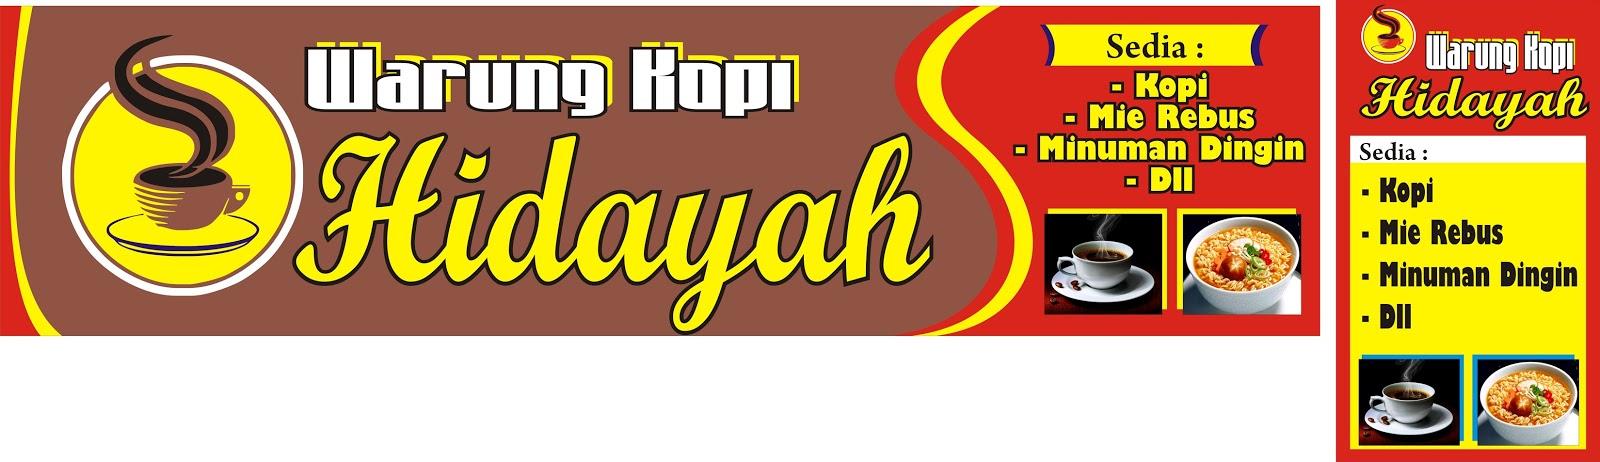 Desain Banner Warung Kopi Free Wifi - desain.ratuseo.com